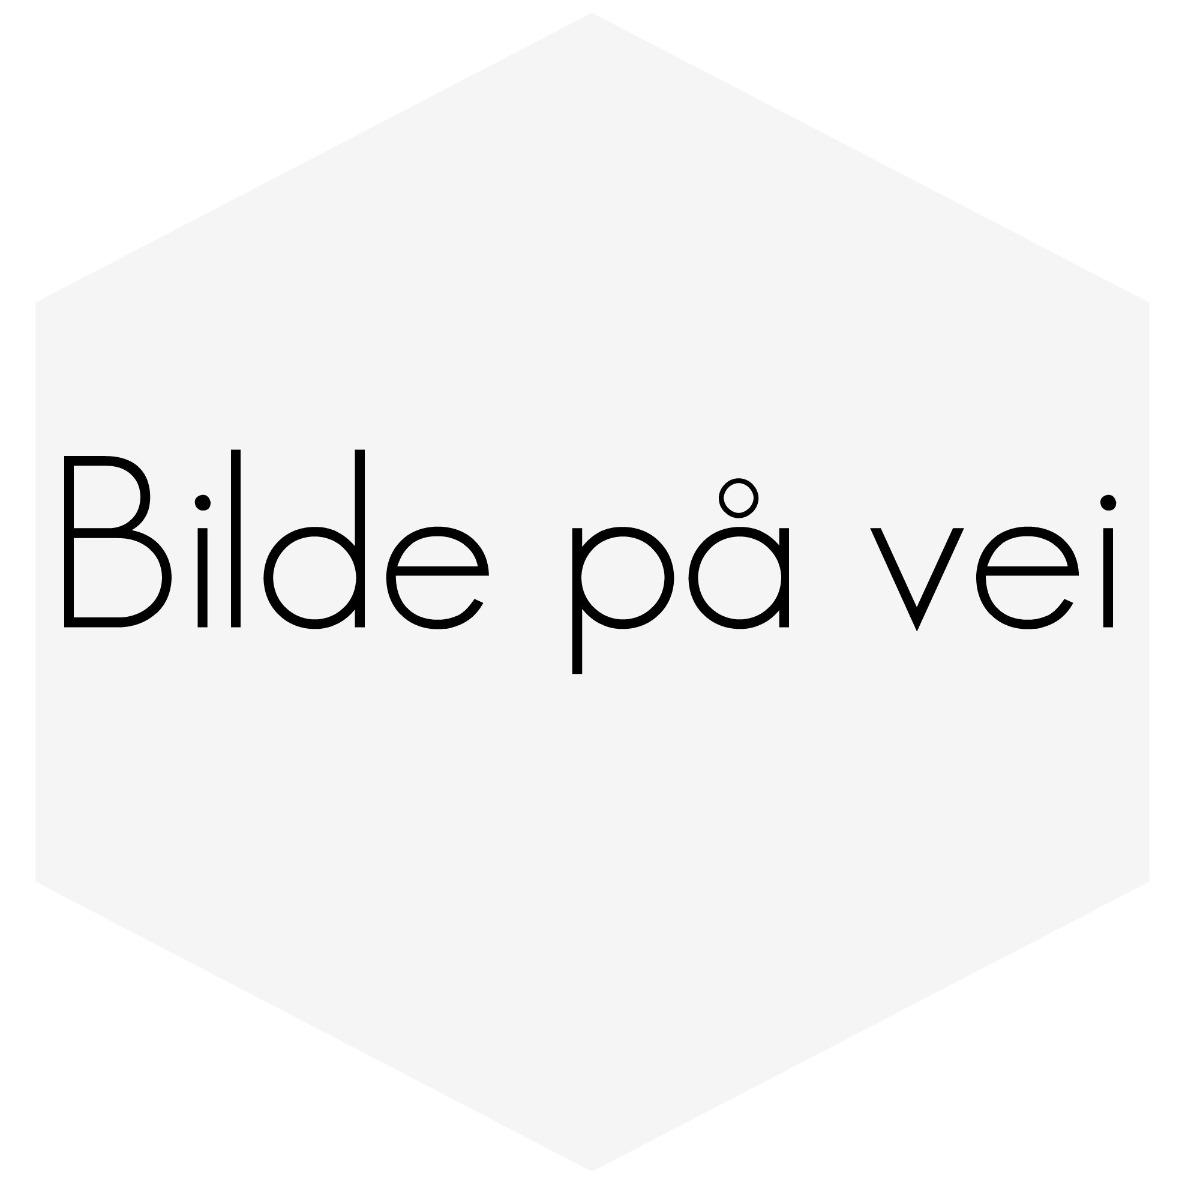 ØYELOKK /SPOILERE 240/260-81-93 I FIN ABS PLAST SETT MED H+V